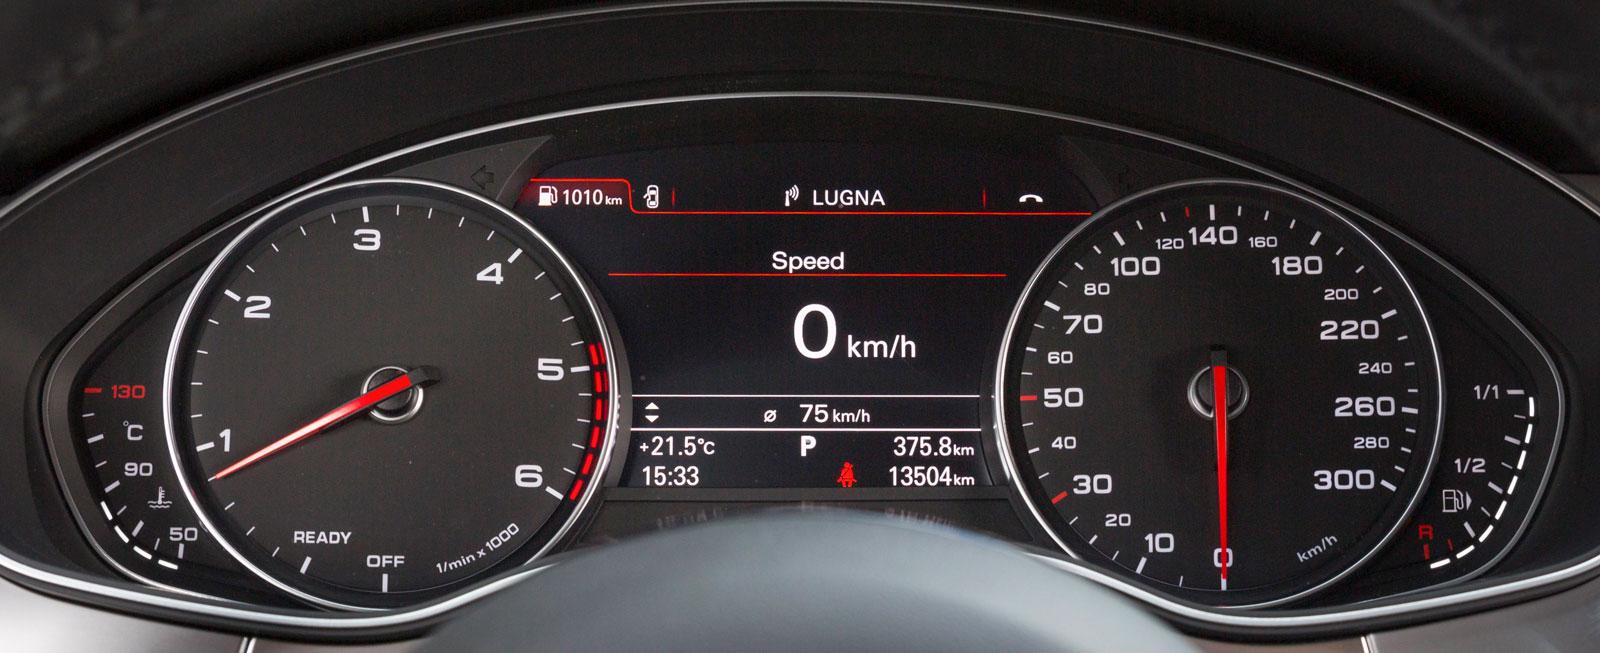 Audis analoga instrument är både tjusiga att titta på och tydliga att läsa av. Mellan mätartavlorna finns displayen för medieanläggningen. En bra finess är att i stort sett alla infotainmentfunktioner kan styras från ratten.